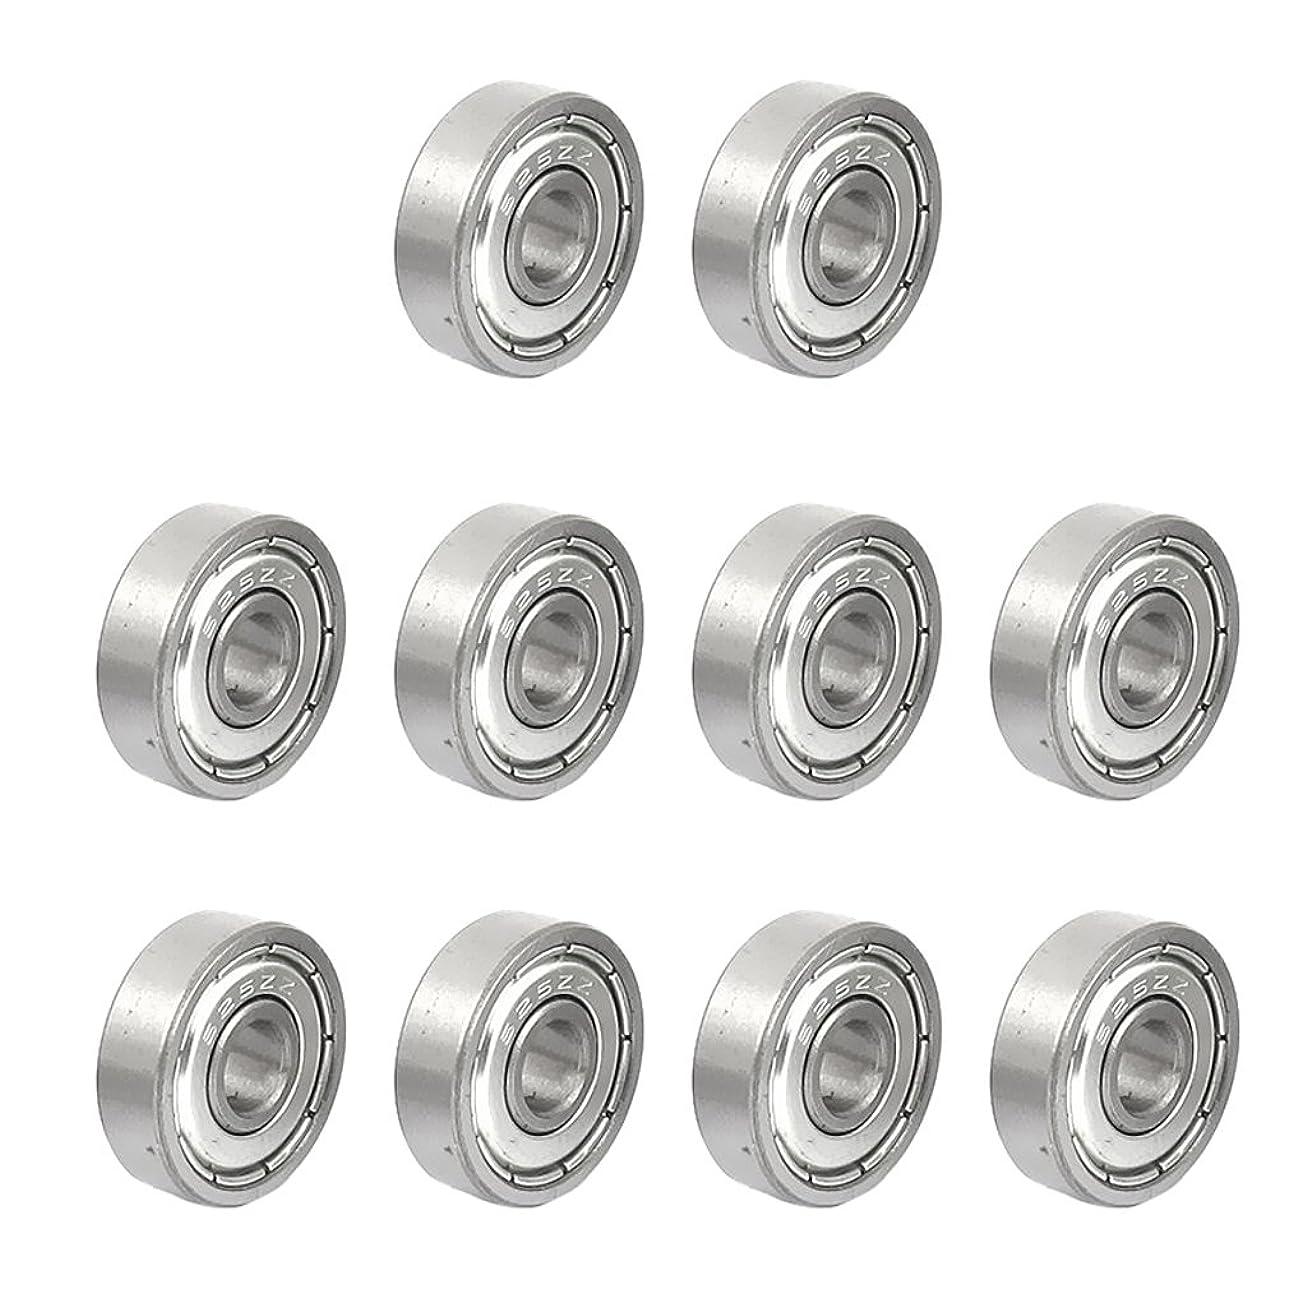 静けさ記事防ぐ全6サイズ選べる 10個入り 高品質 ラジアル ボール ベアリング 3D プリンタ 部品 ミニベアリング 小型モーター、家庭用、搬送場など用 - 625zz